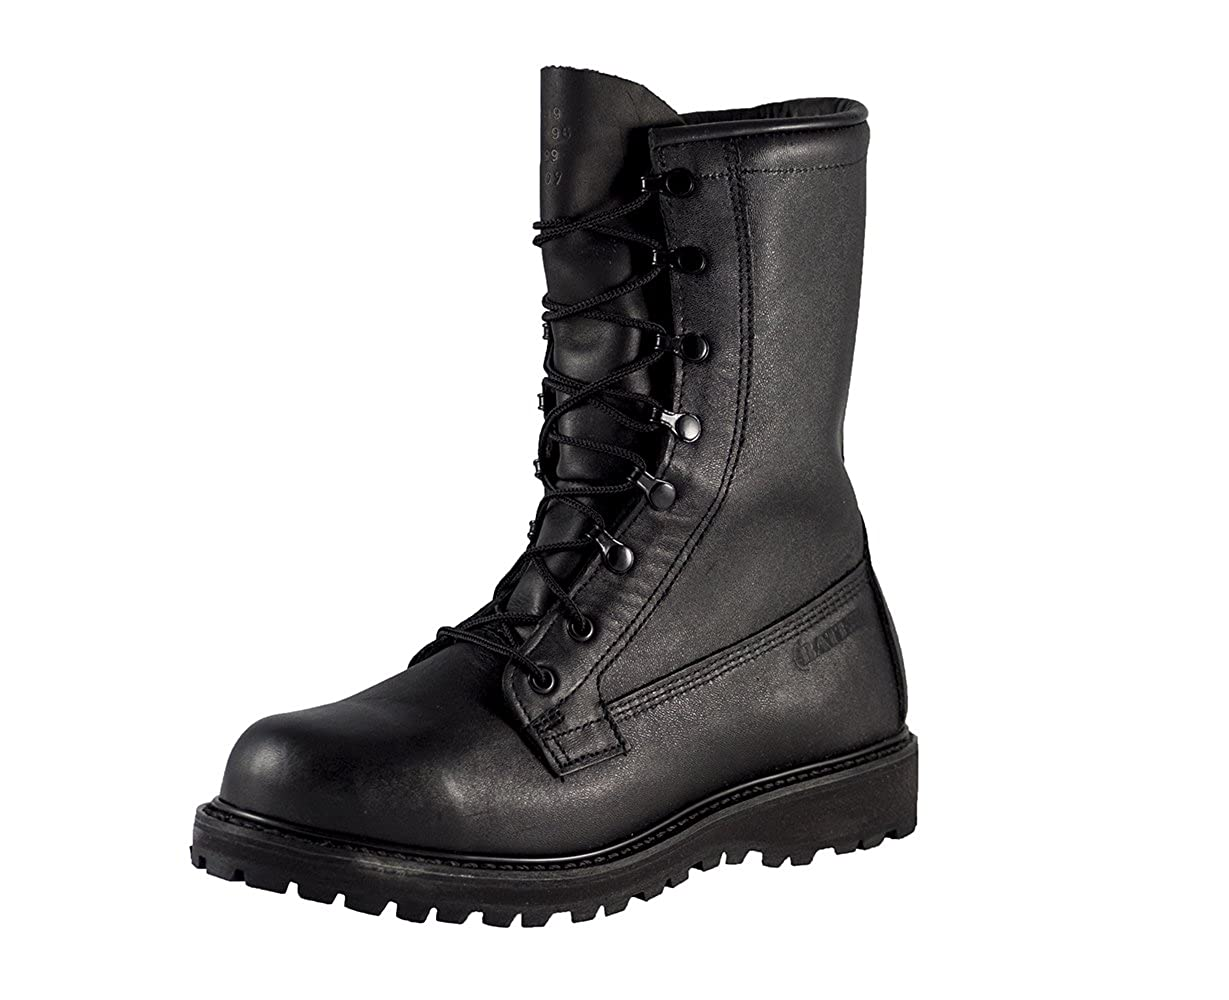 Bates C11460 Mens Gore-Tex ICWB Waterproof Combat Boot